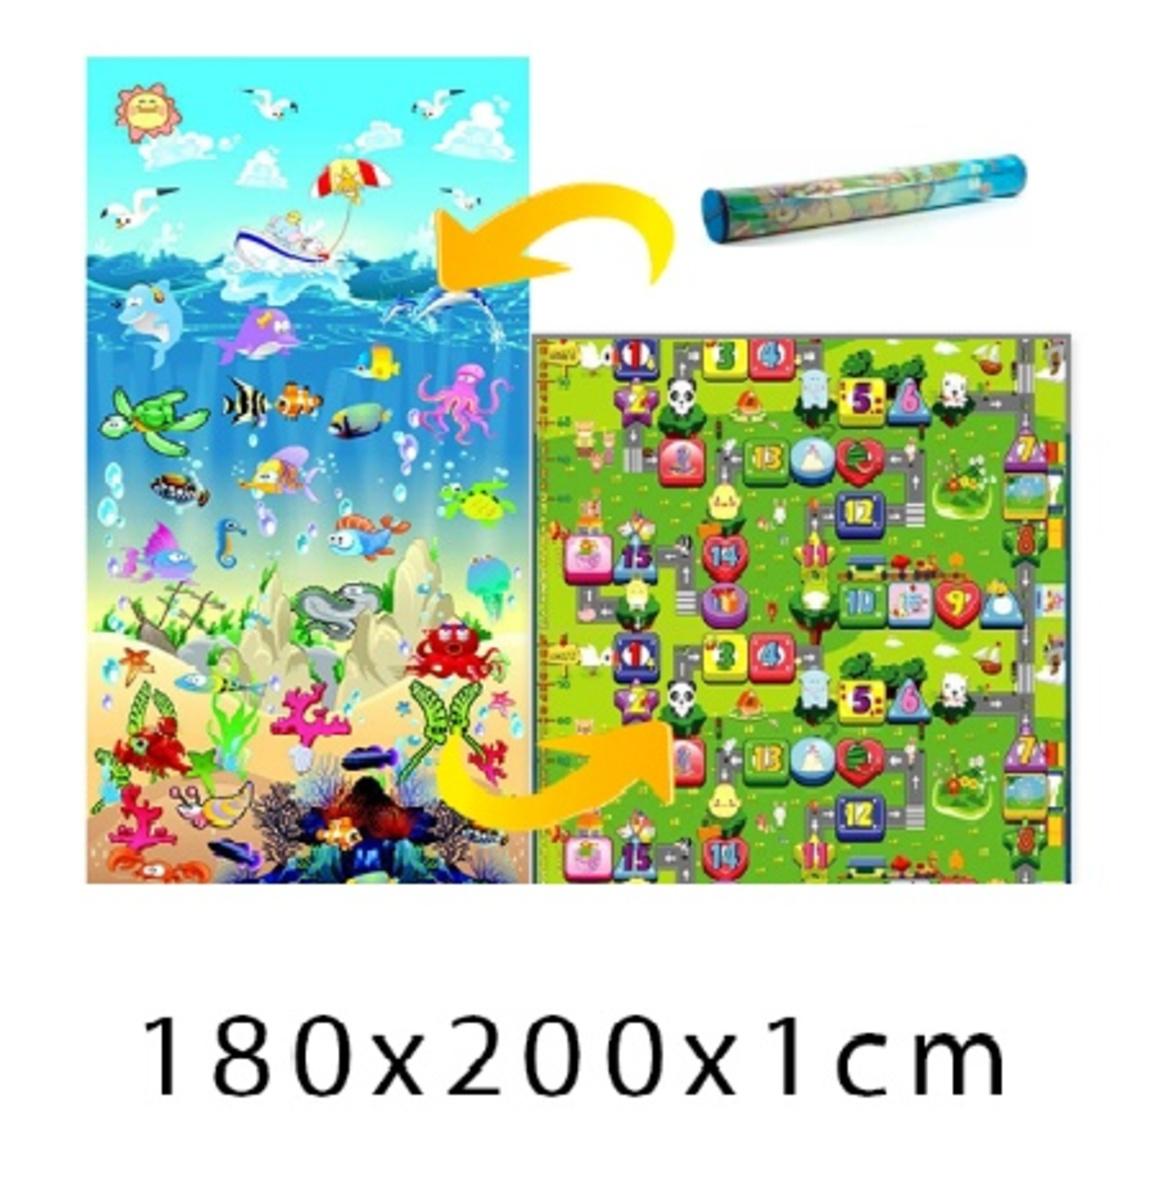 Detský penový koberec - oceán + číselná ulička - 200x180x1 cm